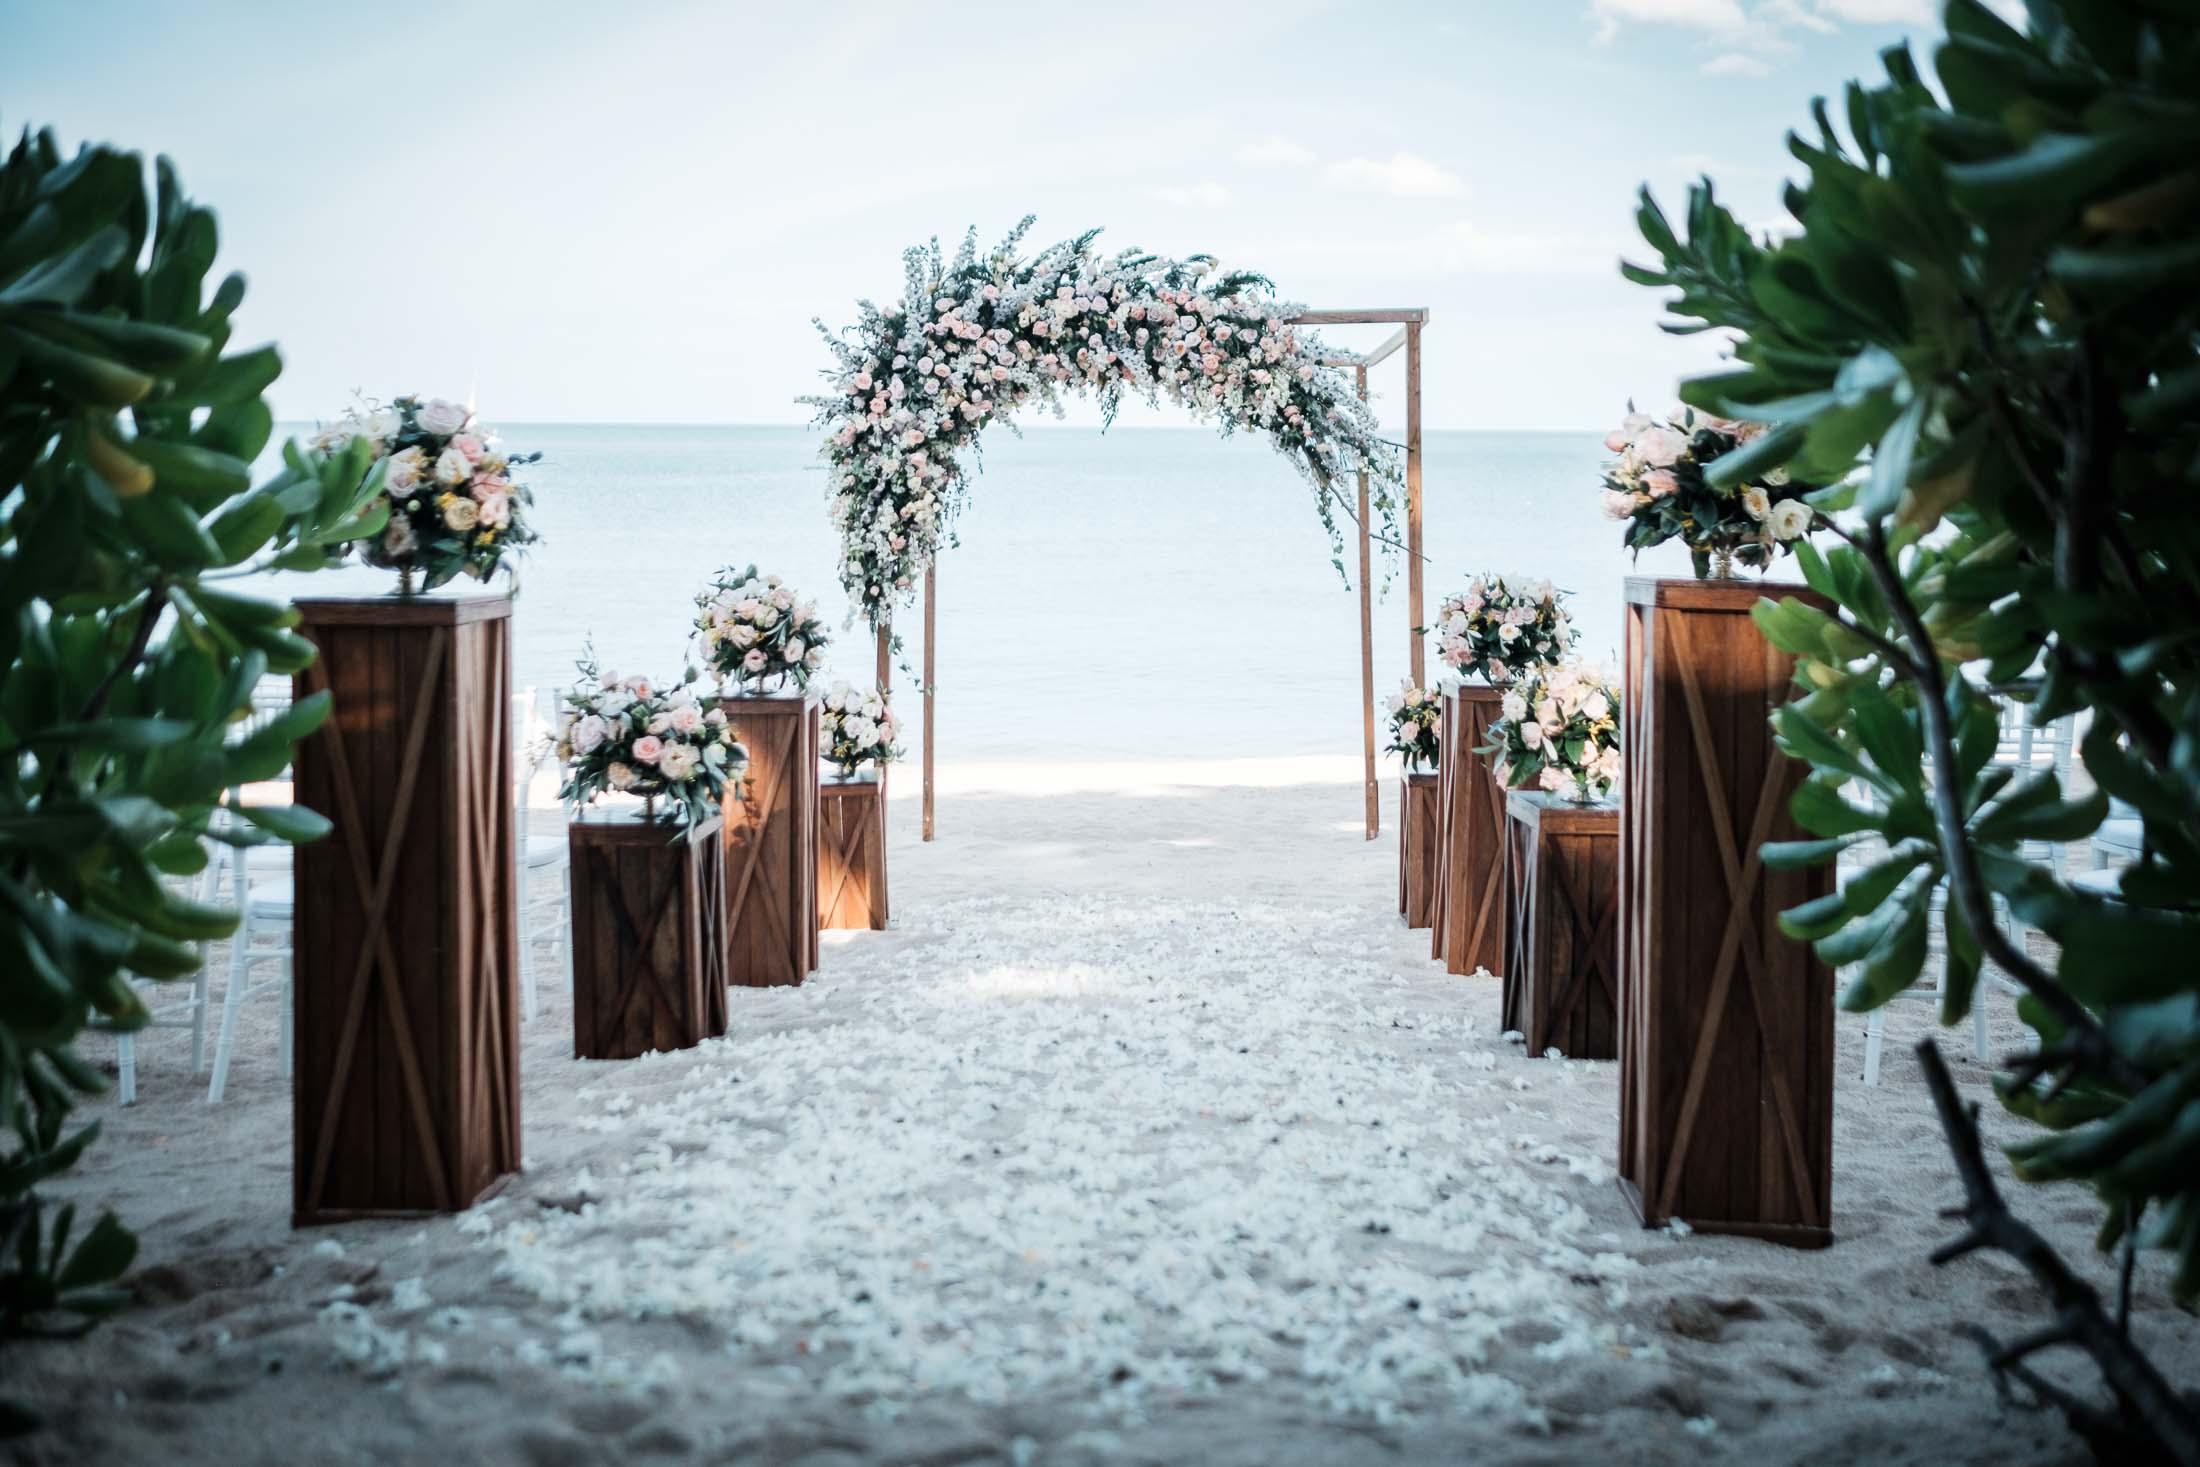 photographe mariage Thailande cérémonie plage détails